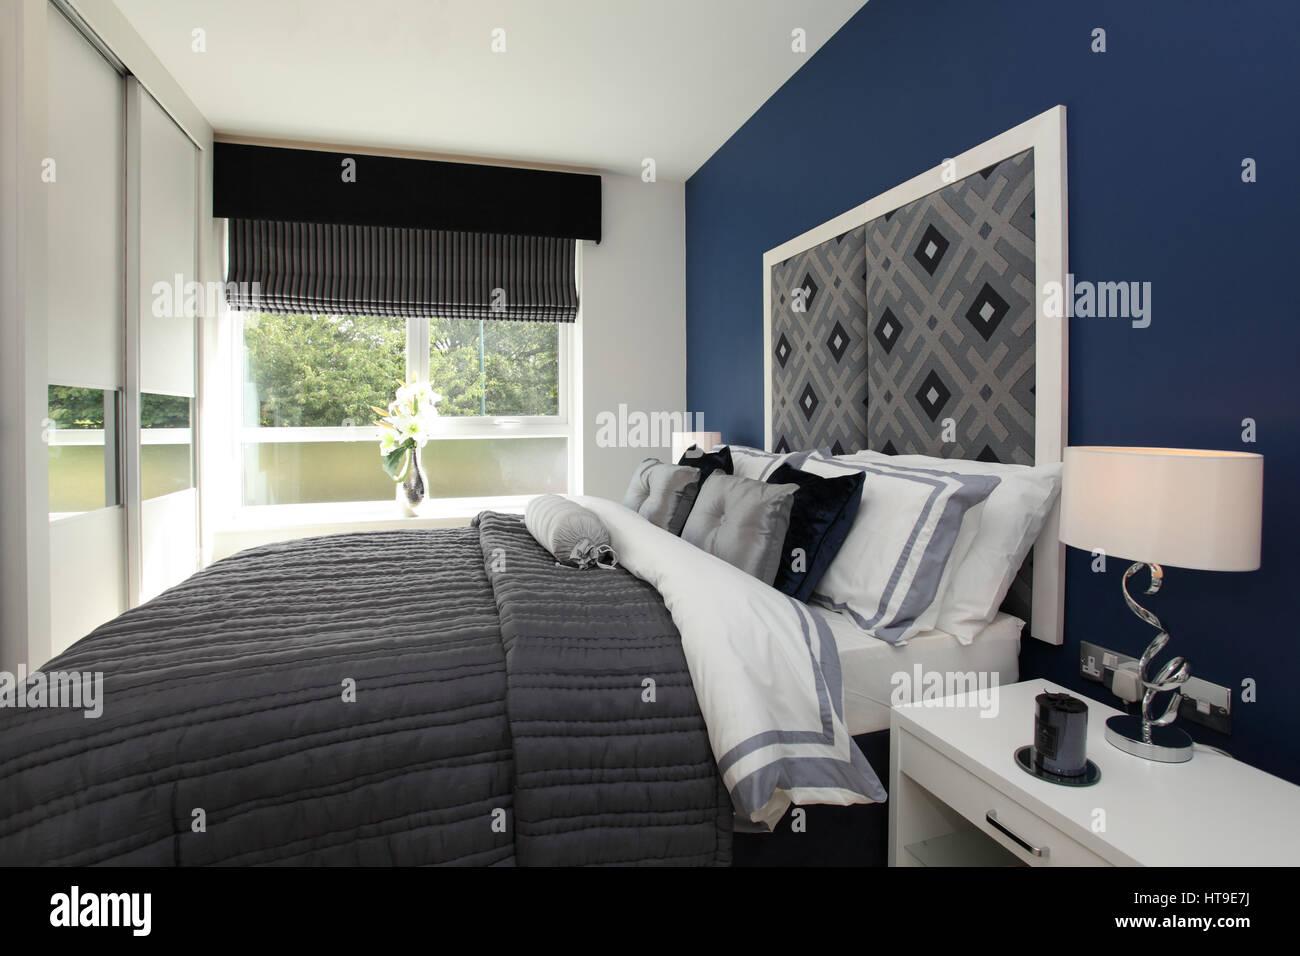 Wohngebäude, Schlafzimmer, Blau, Einrichtung, Bett Verteilt, Gepolstertes  Kopfteil, Eigenschaftswand, Stuhl, Grau,